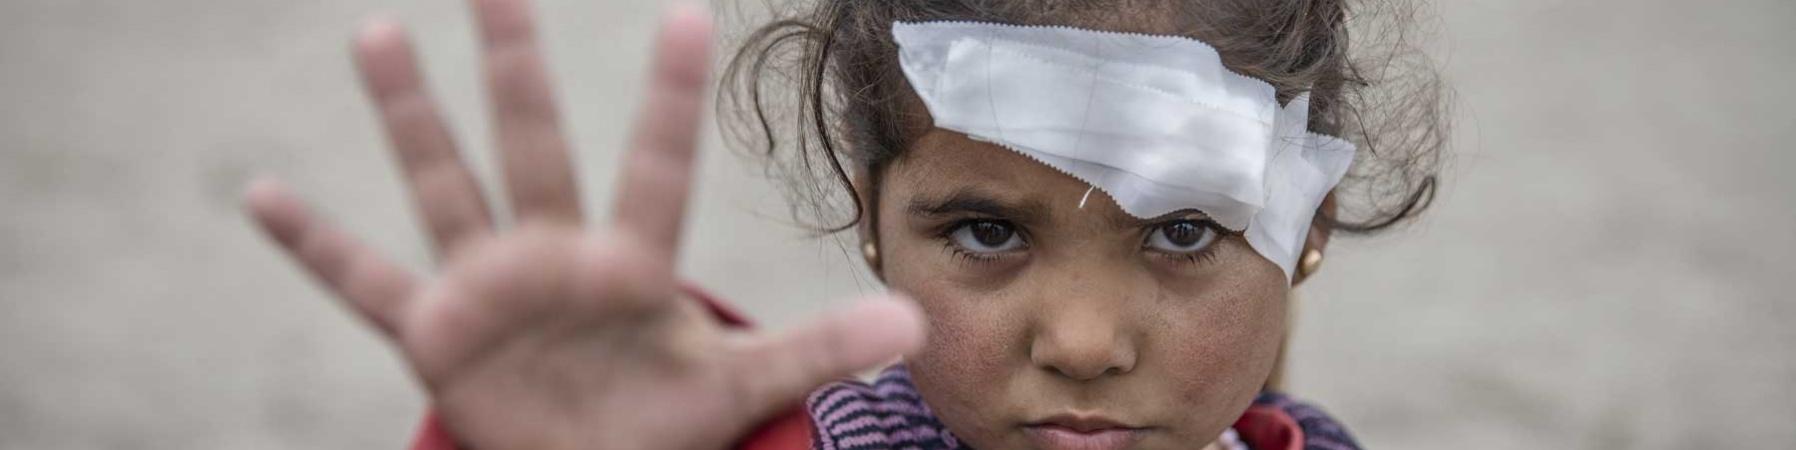 bambina ferita con benda